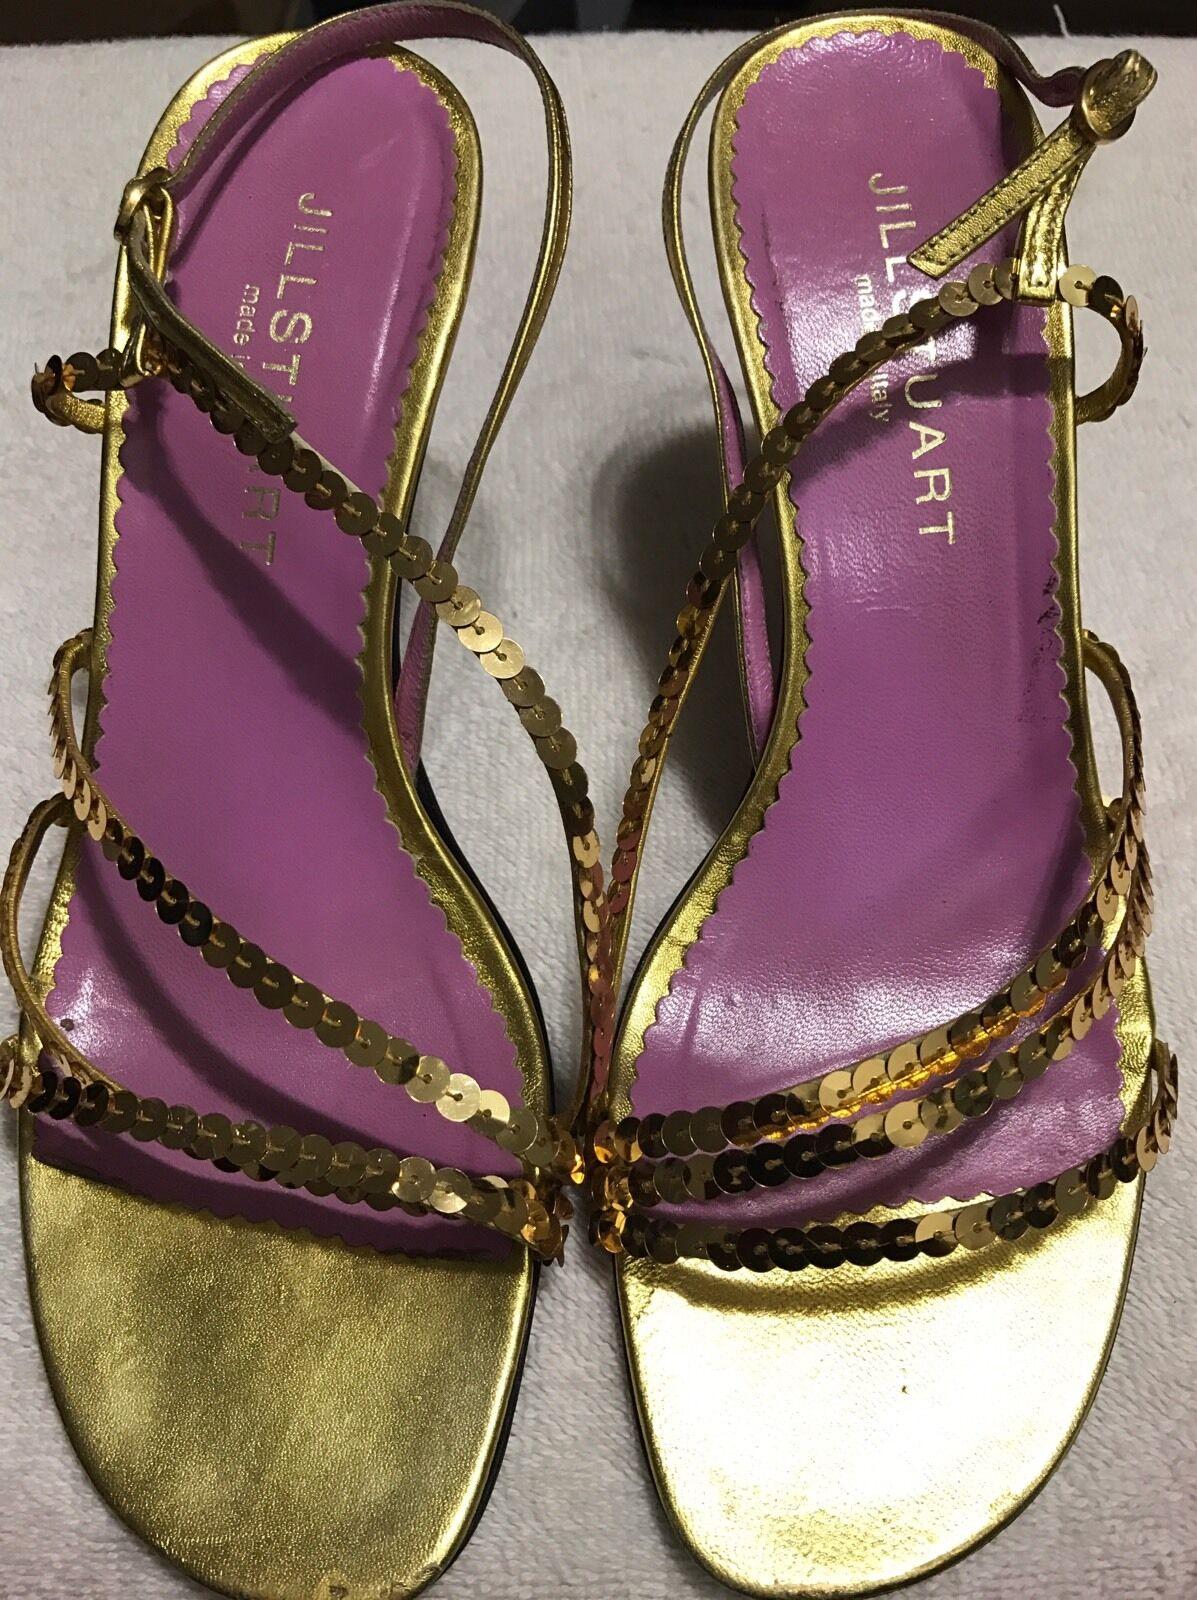 JILL Stuart leather Ladies 7 M SANDALS SANDALS M . Sequin Strap HEELS SHOES Italy. 8b22e2